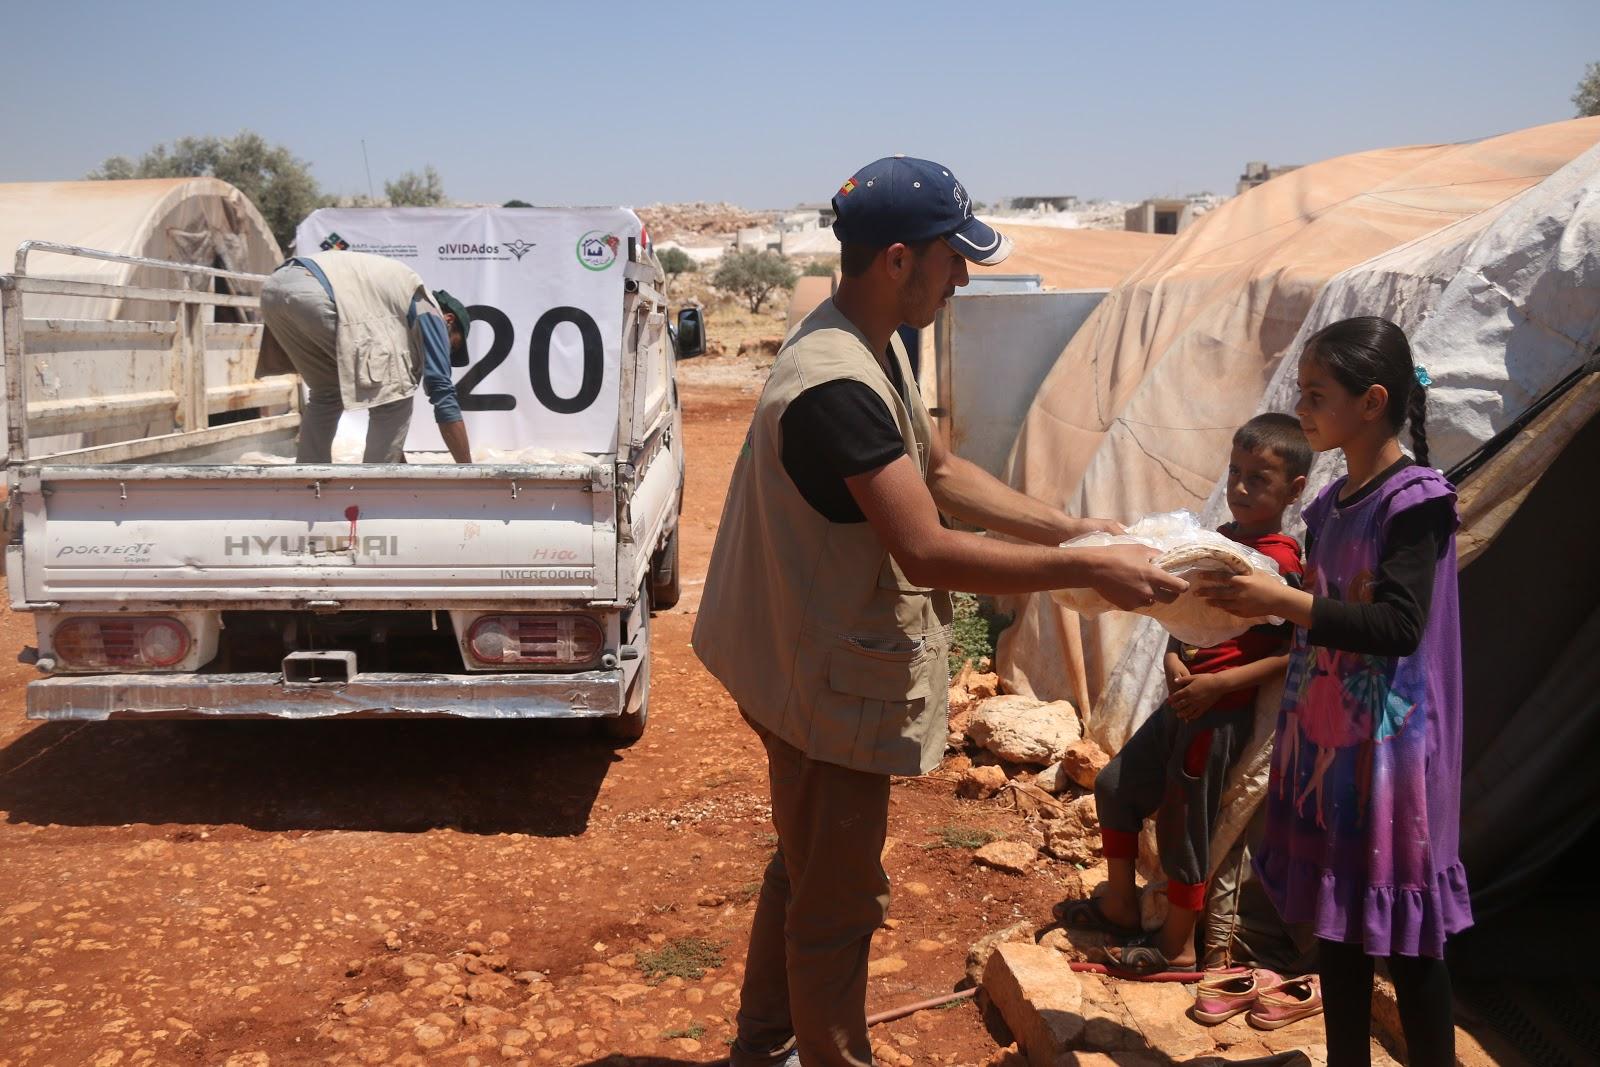 De la ayuda de emergencia a la acción humanitaria